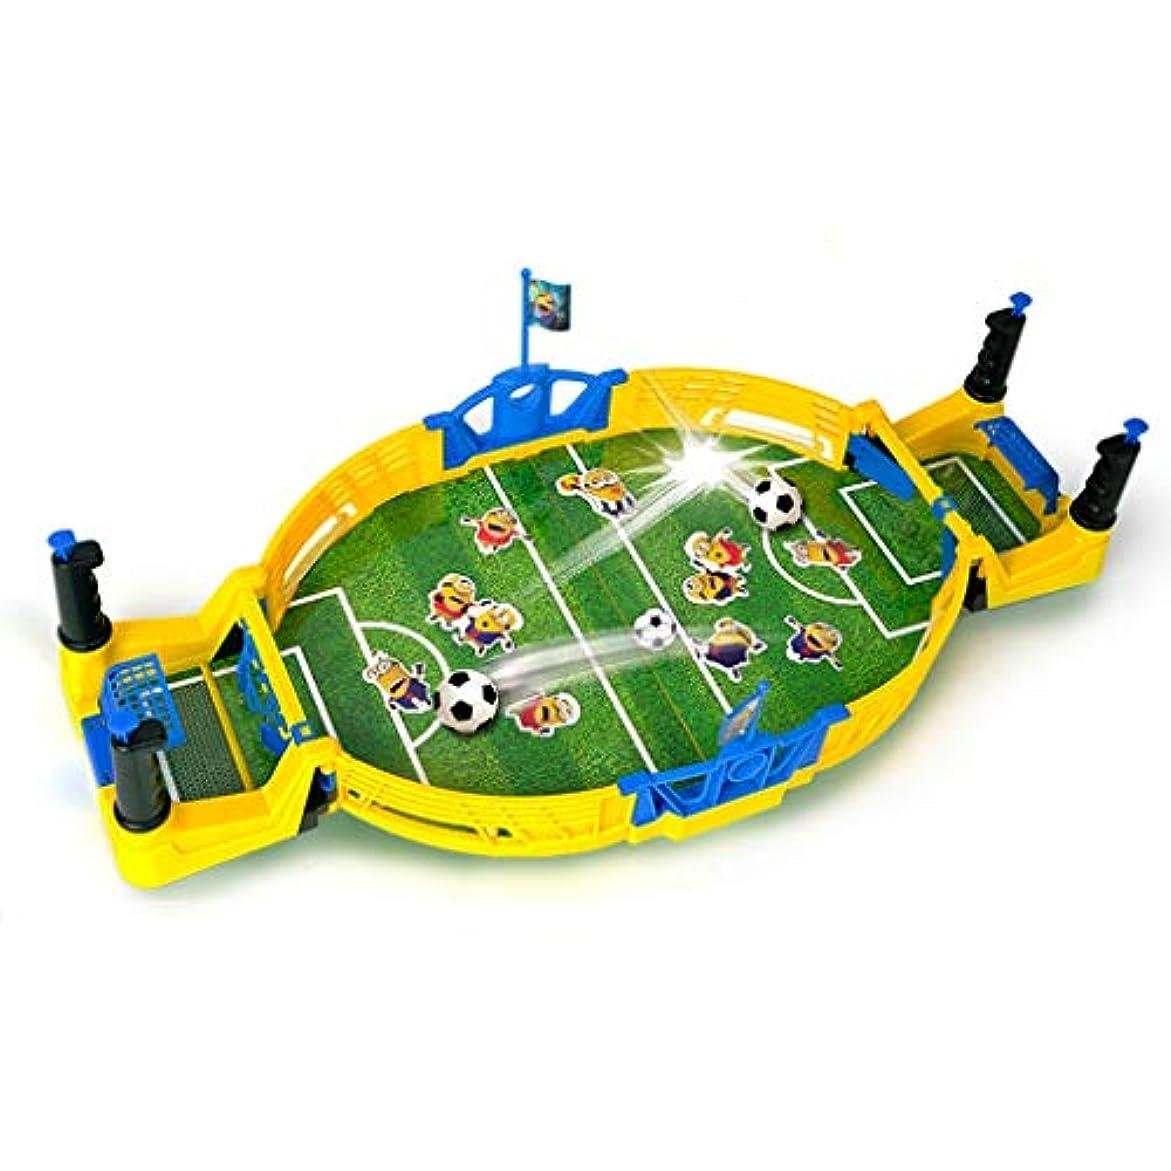 サポートライトニングそんなにテーブルサッカー機子供のダブルゲームコンソール親子インタラクティブボードゲームリトルイエローマンテーブルサッカー機ワールドカップ少年のおもちゃギフト (Color : YELLOW, Size : 56.5*27.5*11.5CM)